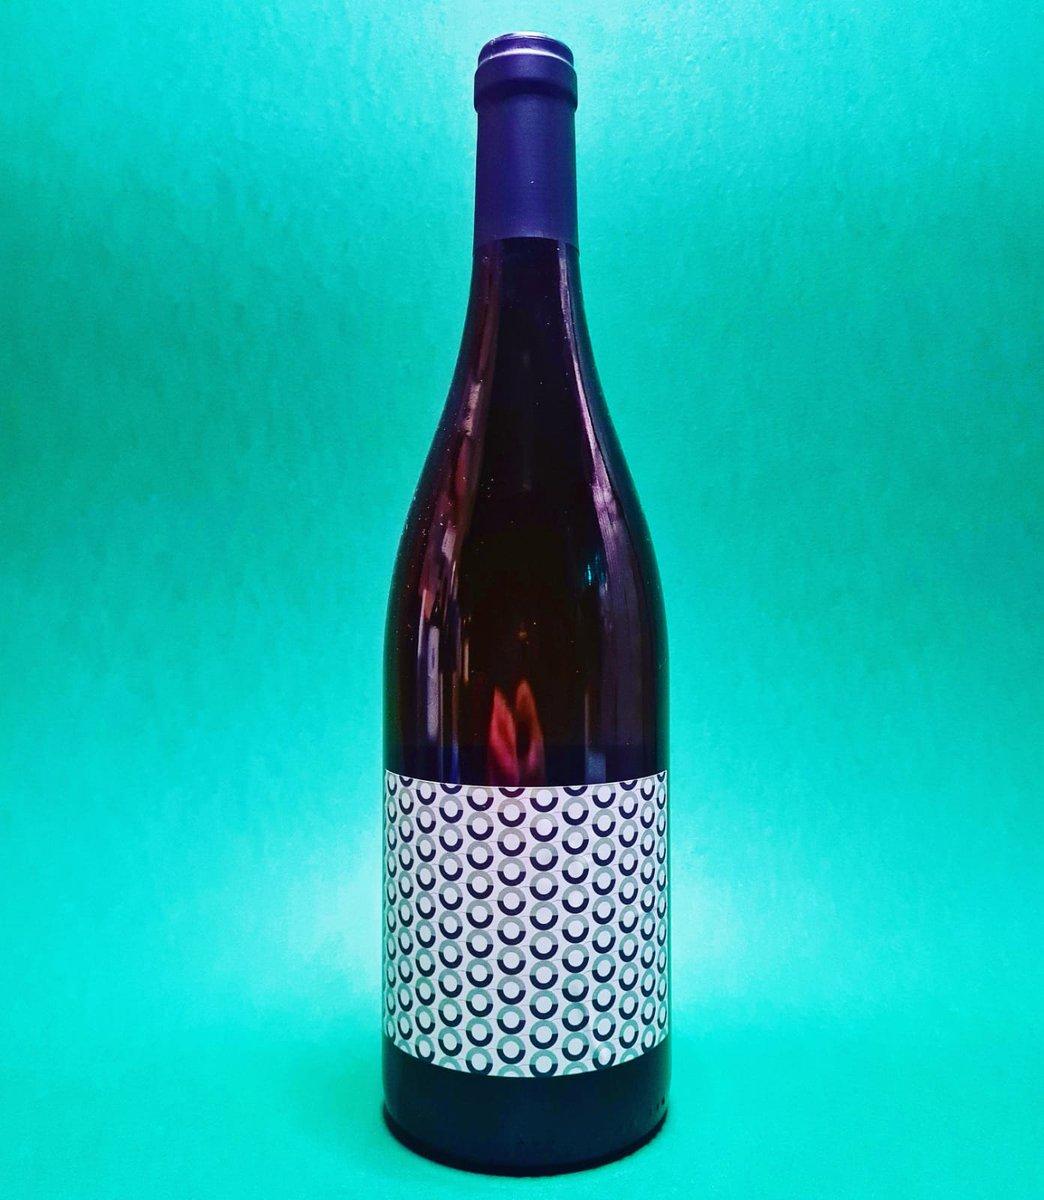 2p Production Meskine Contact Sauvignon Blanc & Loin de L'Oeil |Orange Wine|